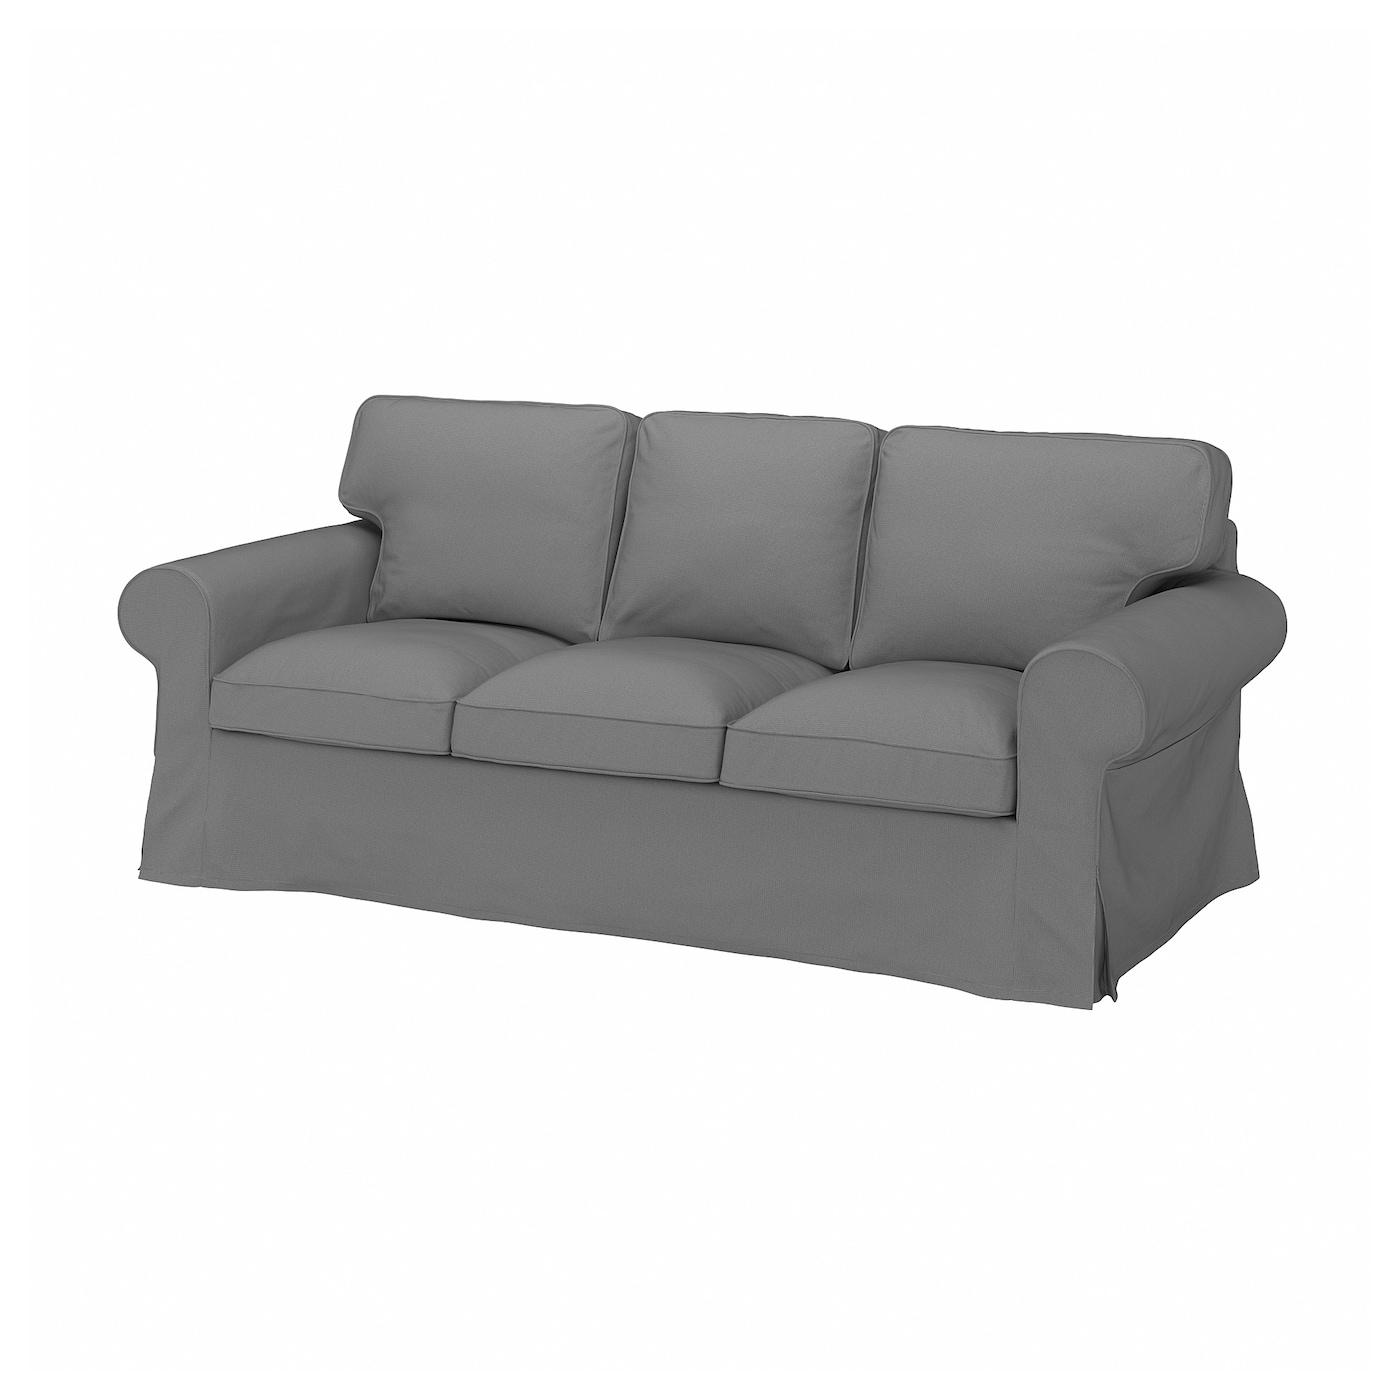 ikea funda sofa cama ektorp